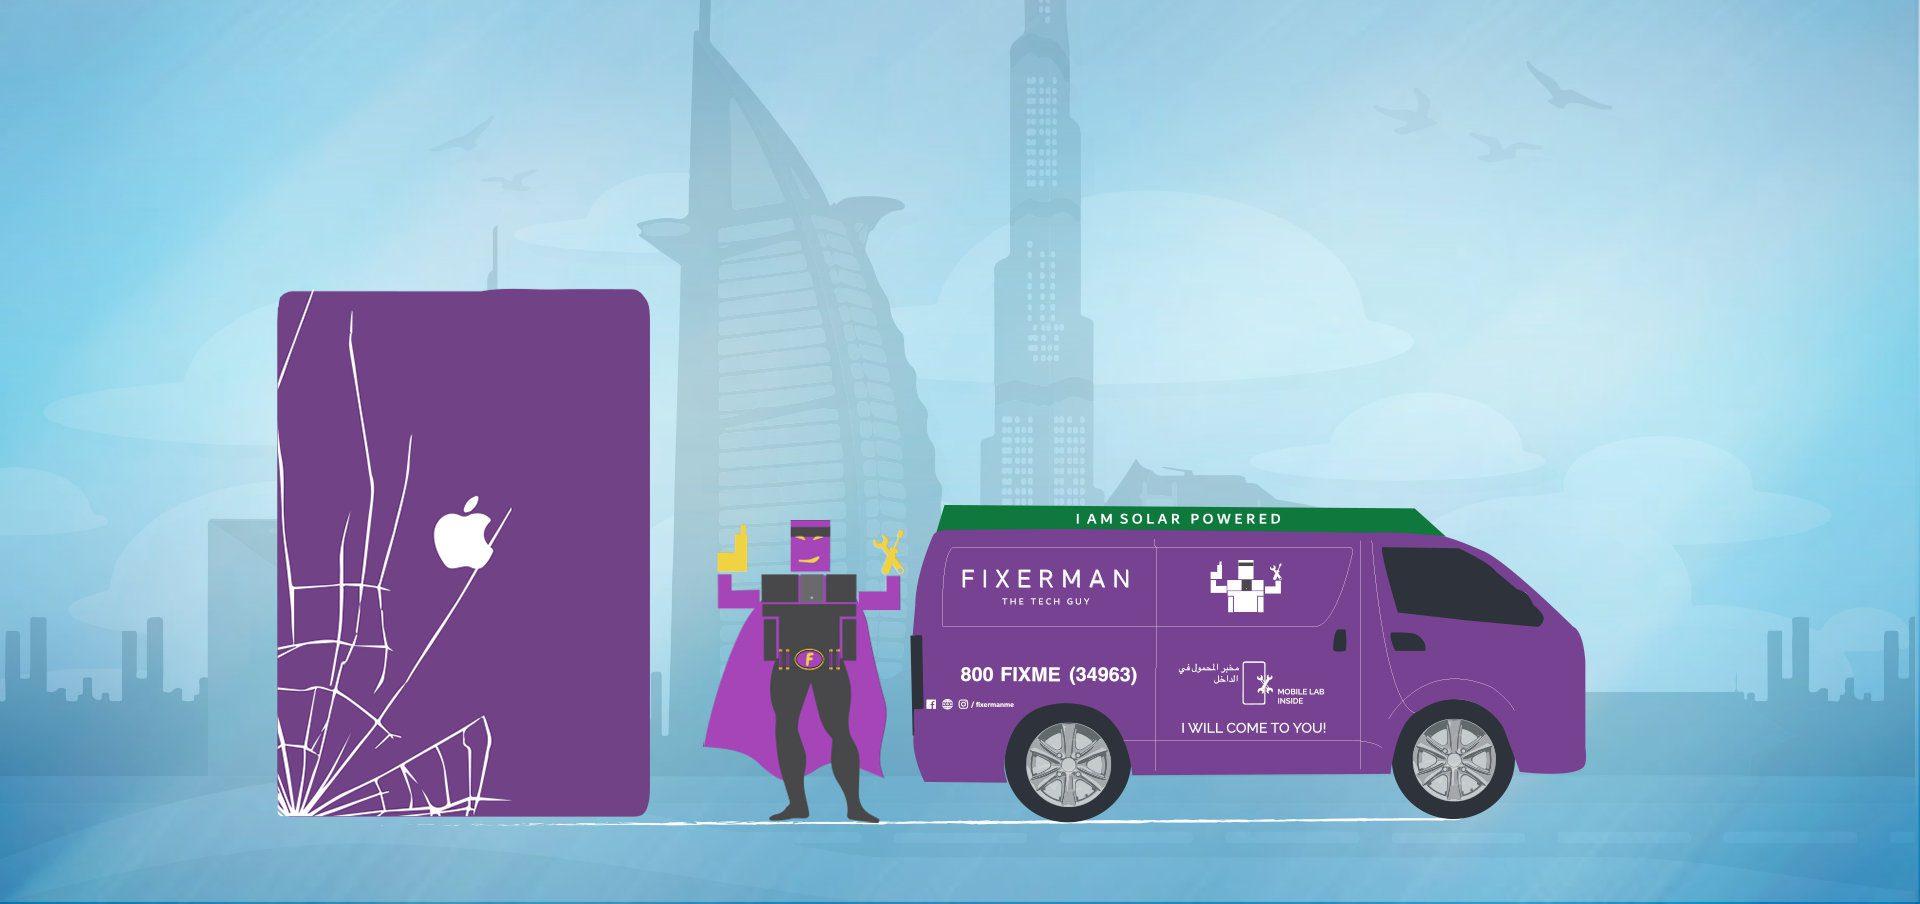 ipad pro repair and screen replacement in Dubai